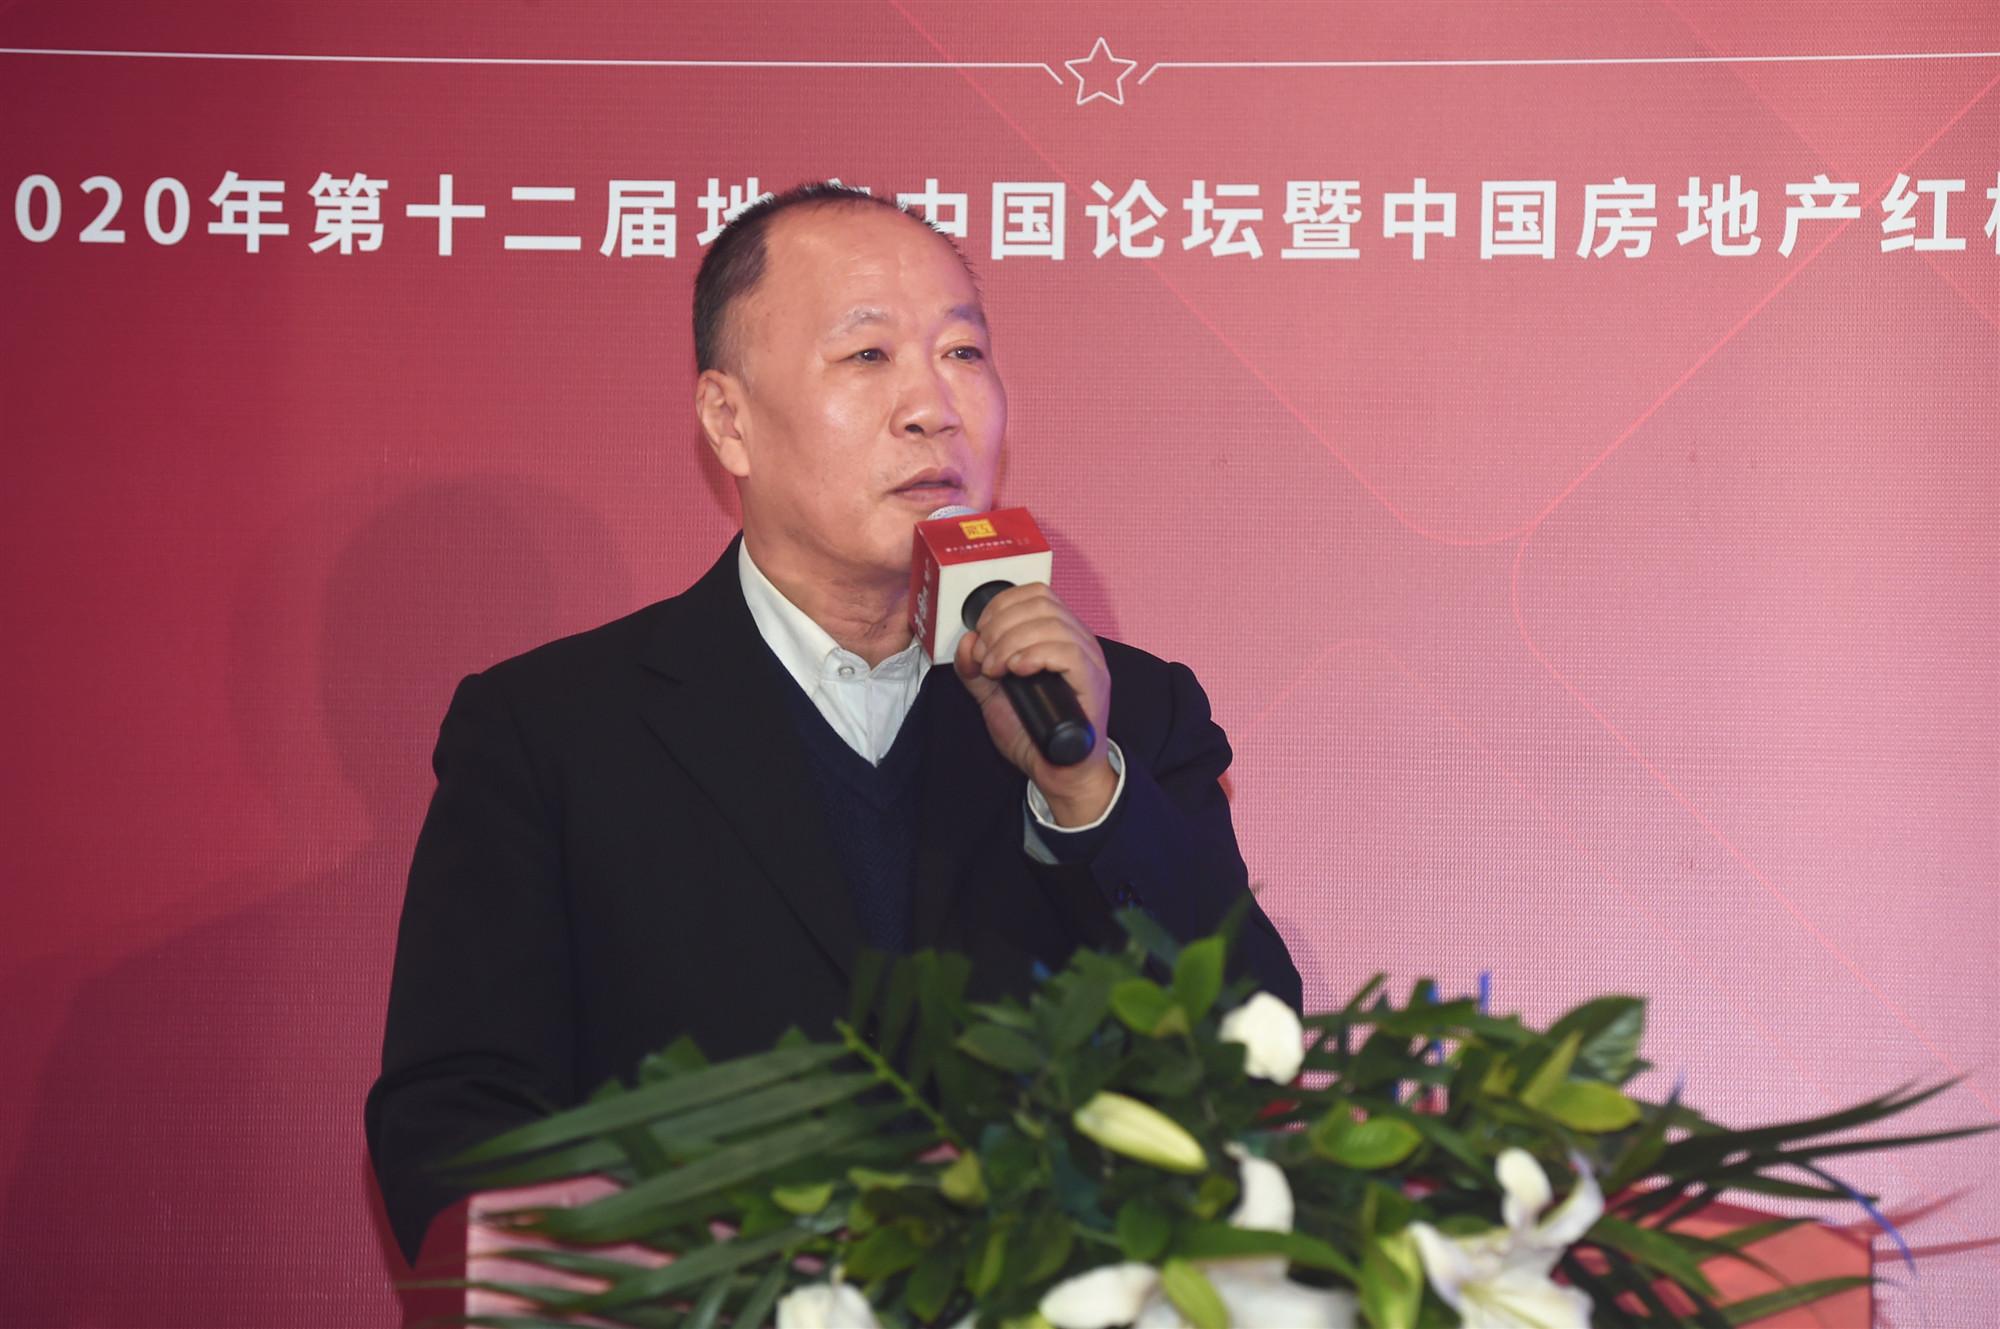 范剑平:世界经济复苏将比之前预测更为缓慢-中国网地产